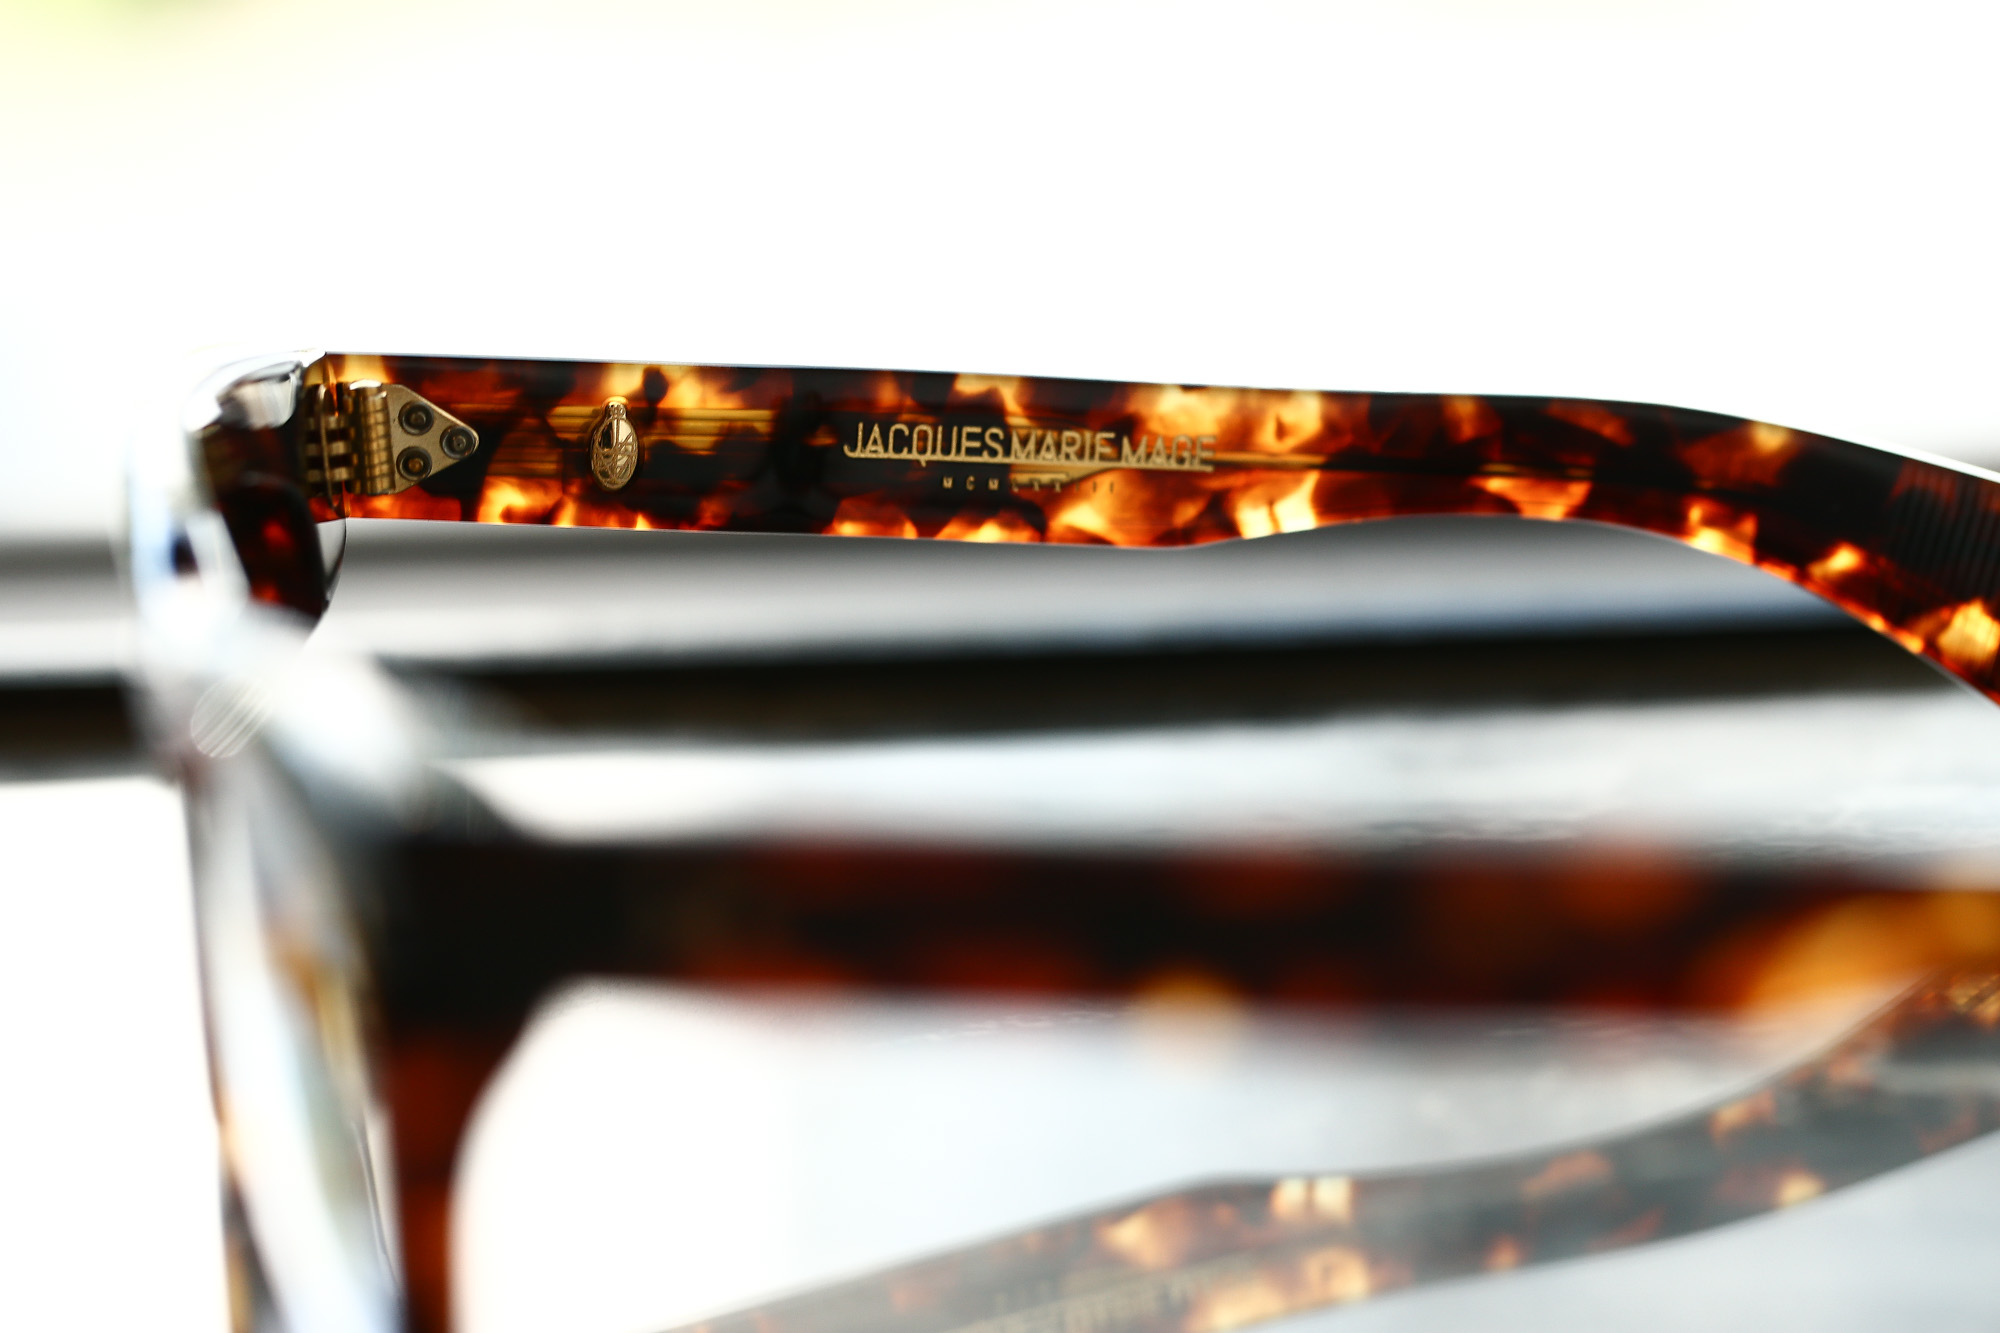 JACQUESMARIEMAGE (ジャックマリーマージュ) DEALAN RX (ディランRX) Bob Dylan (ボブ・ディラン) 18K GOLD ゴールドパーツ ウェリントン型 アイウェア サングラス HAVANA (ハバナ) HANDCRAFTED IN JAPAN(日本製) 2018 春夏新作 jacquesmariemage 愛知 名古屋 Alto e Diritto アルト エ デリット